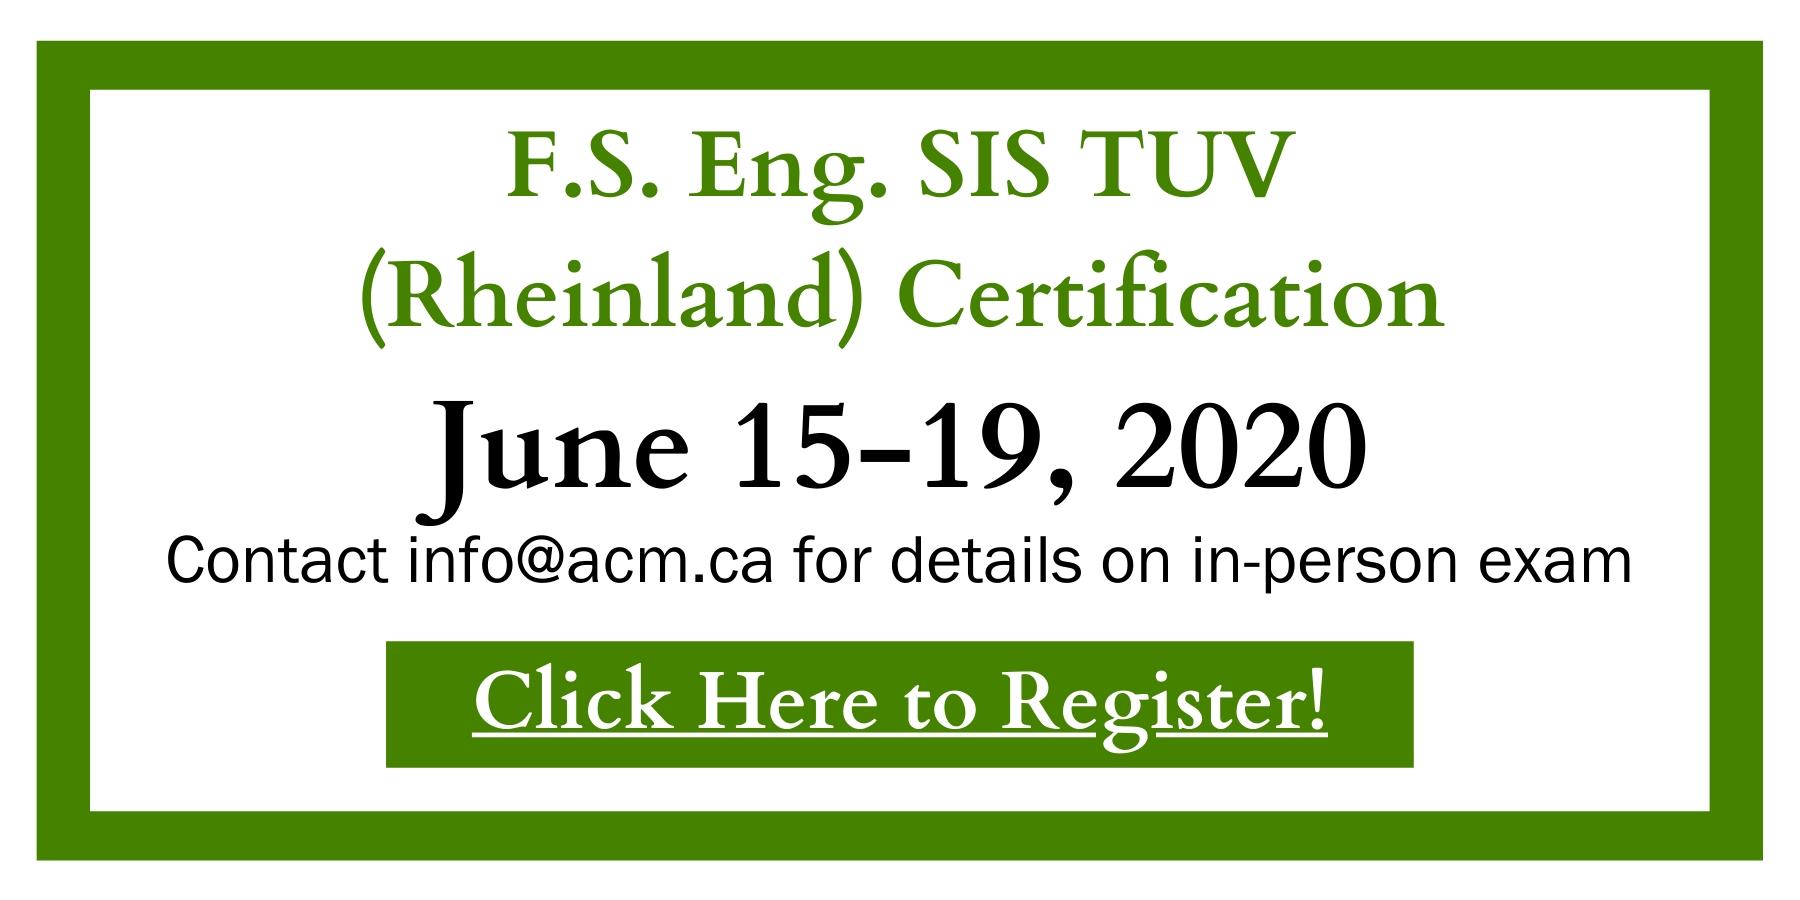 Register for F.S. Eng. SIS TUV (Rheinland) Certification